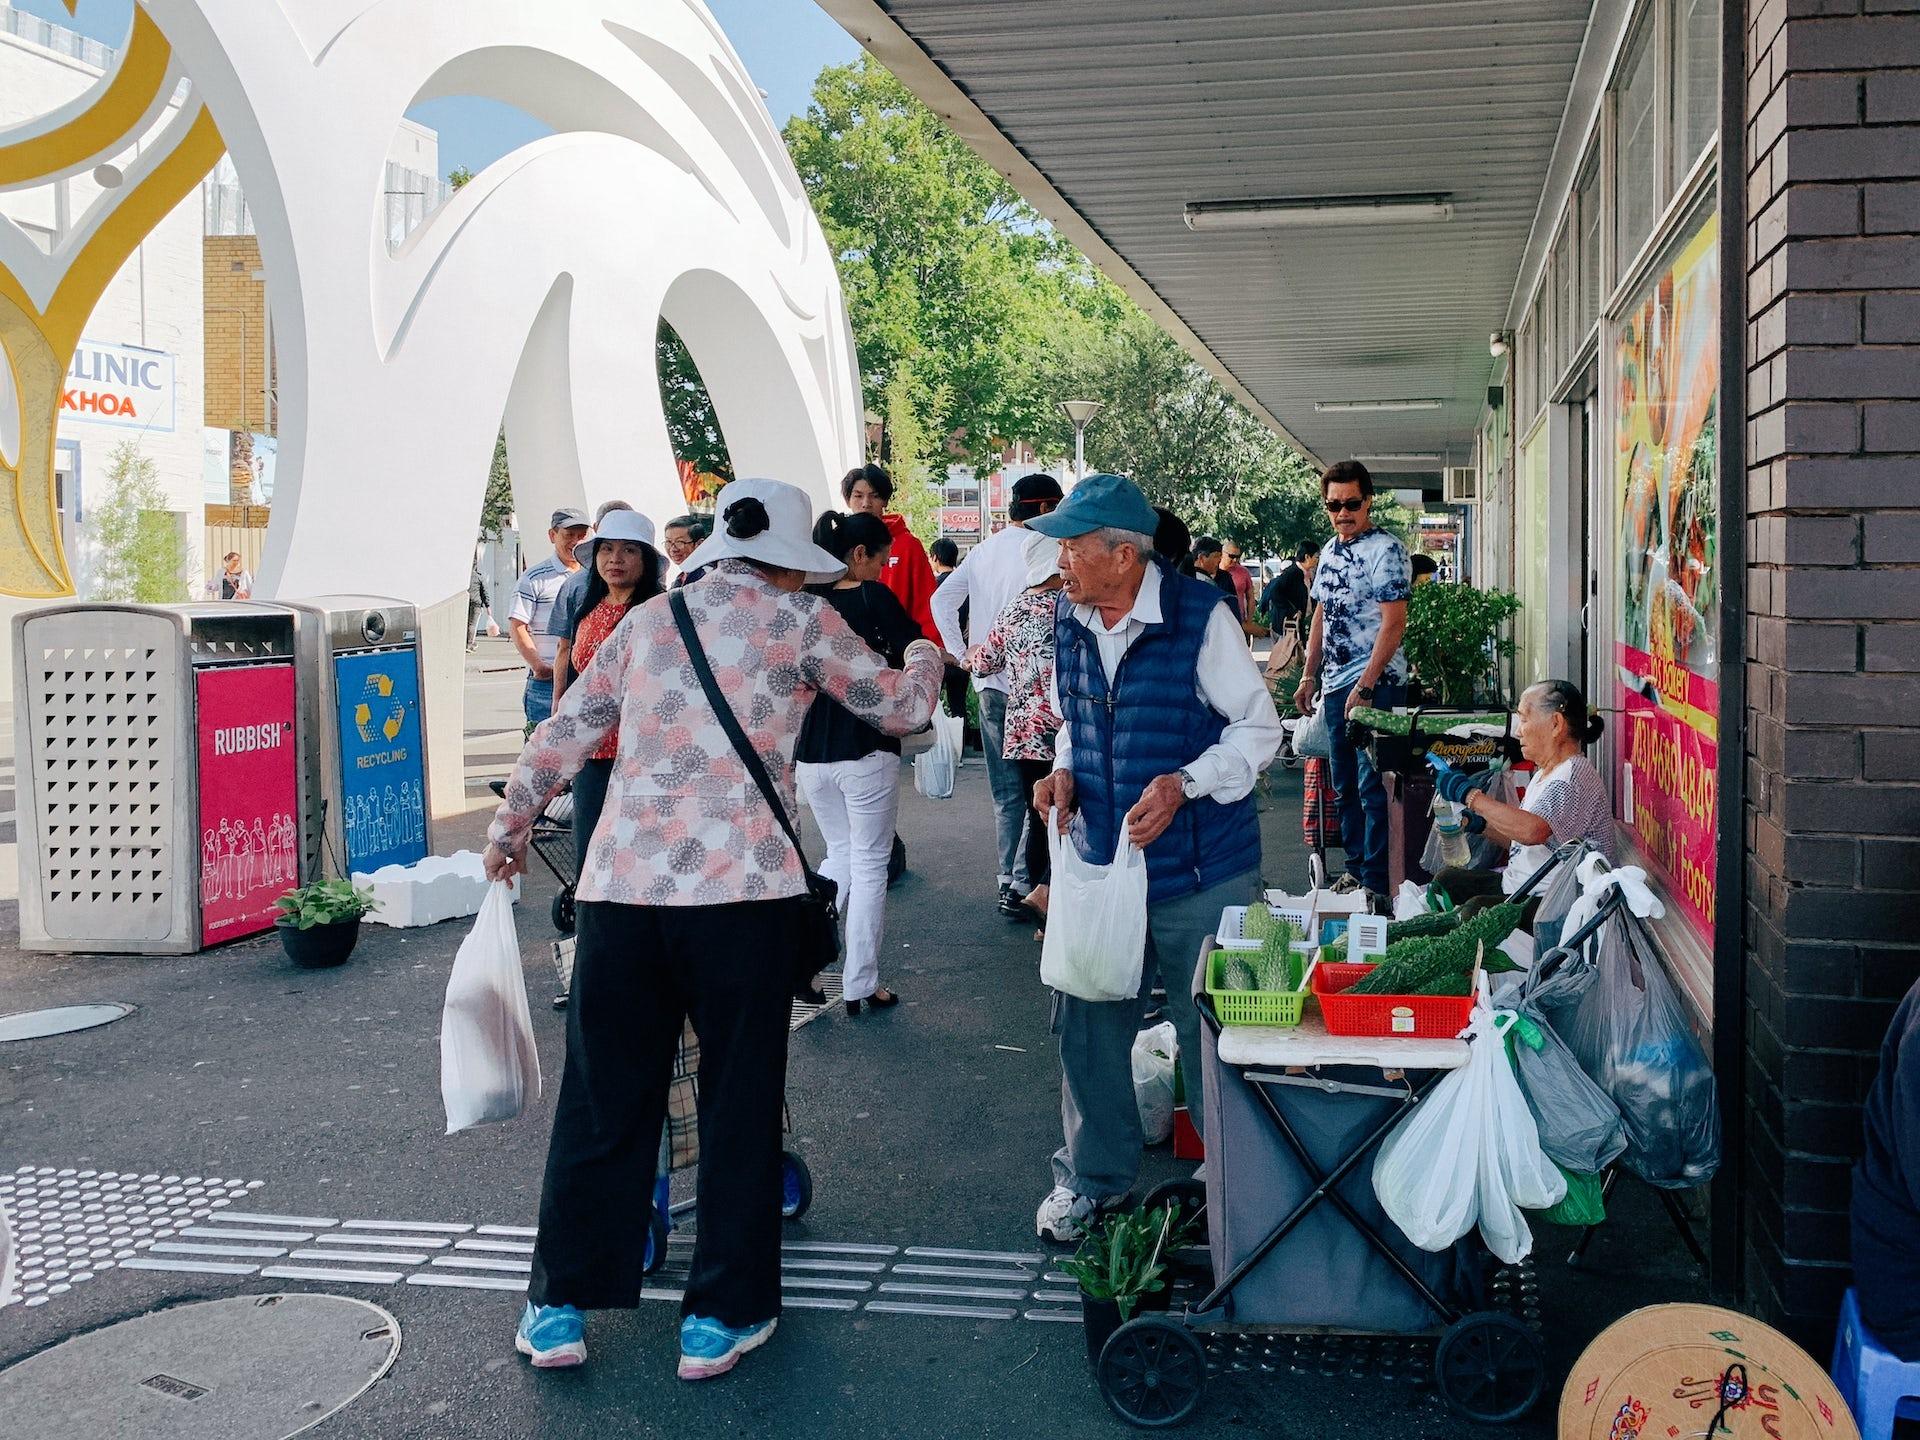 Footscray Mini Green Market